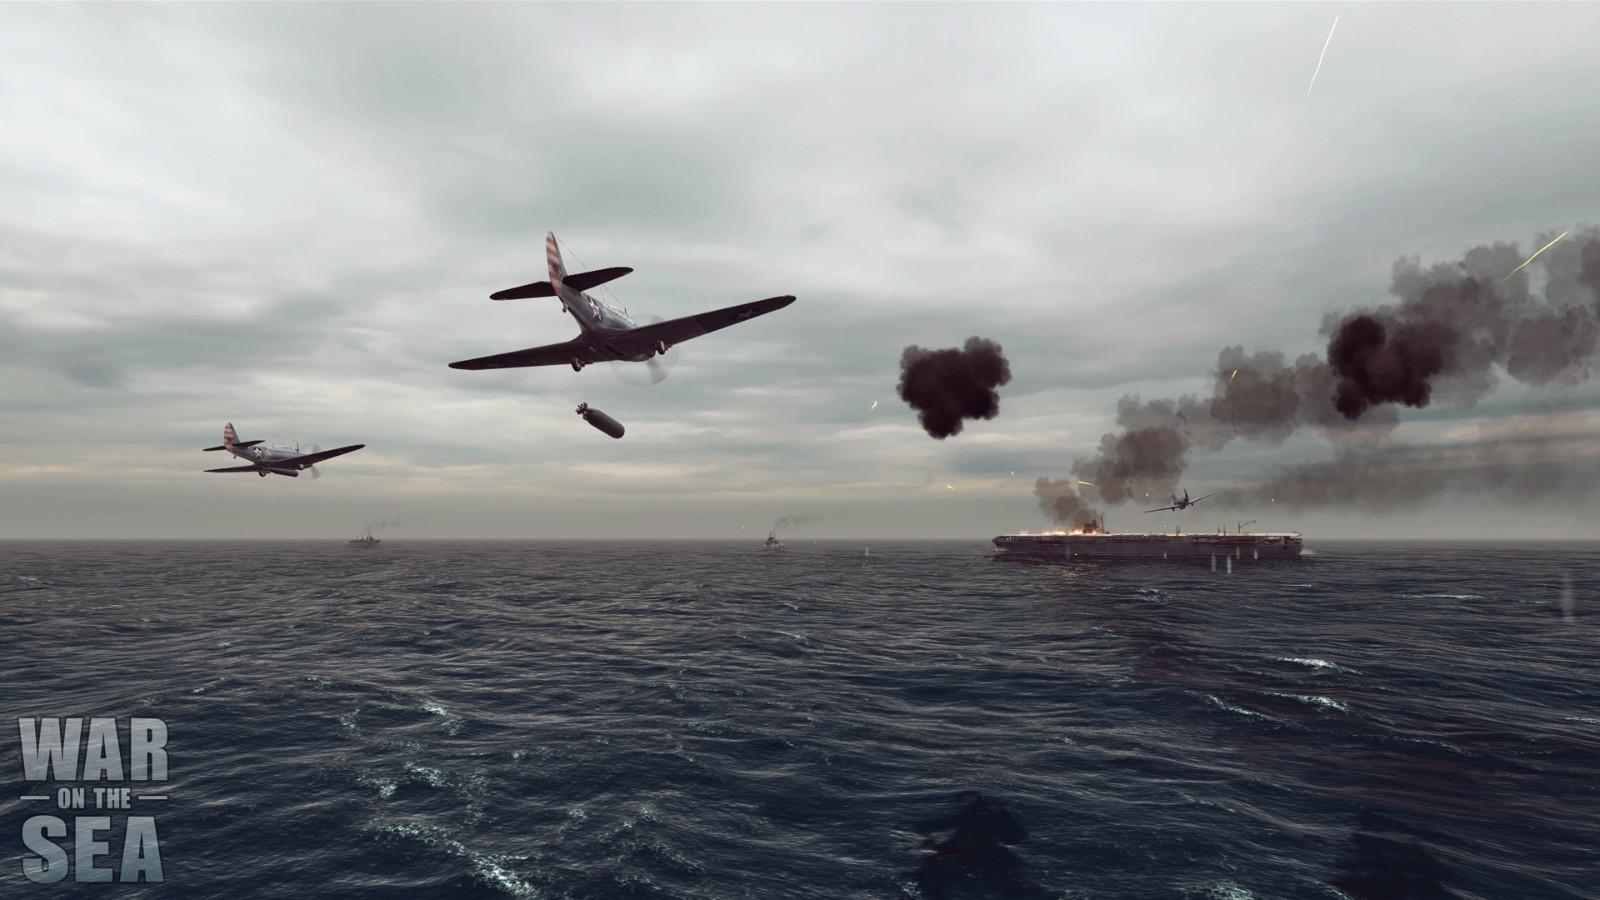 二战海战游戏《War on the Sea》将于今年2月发售